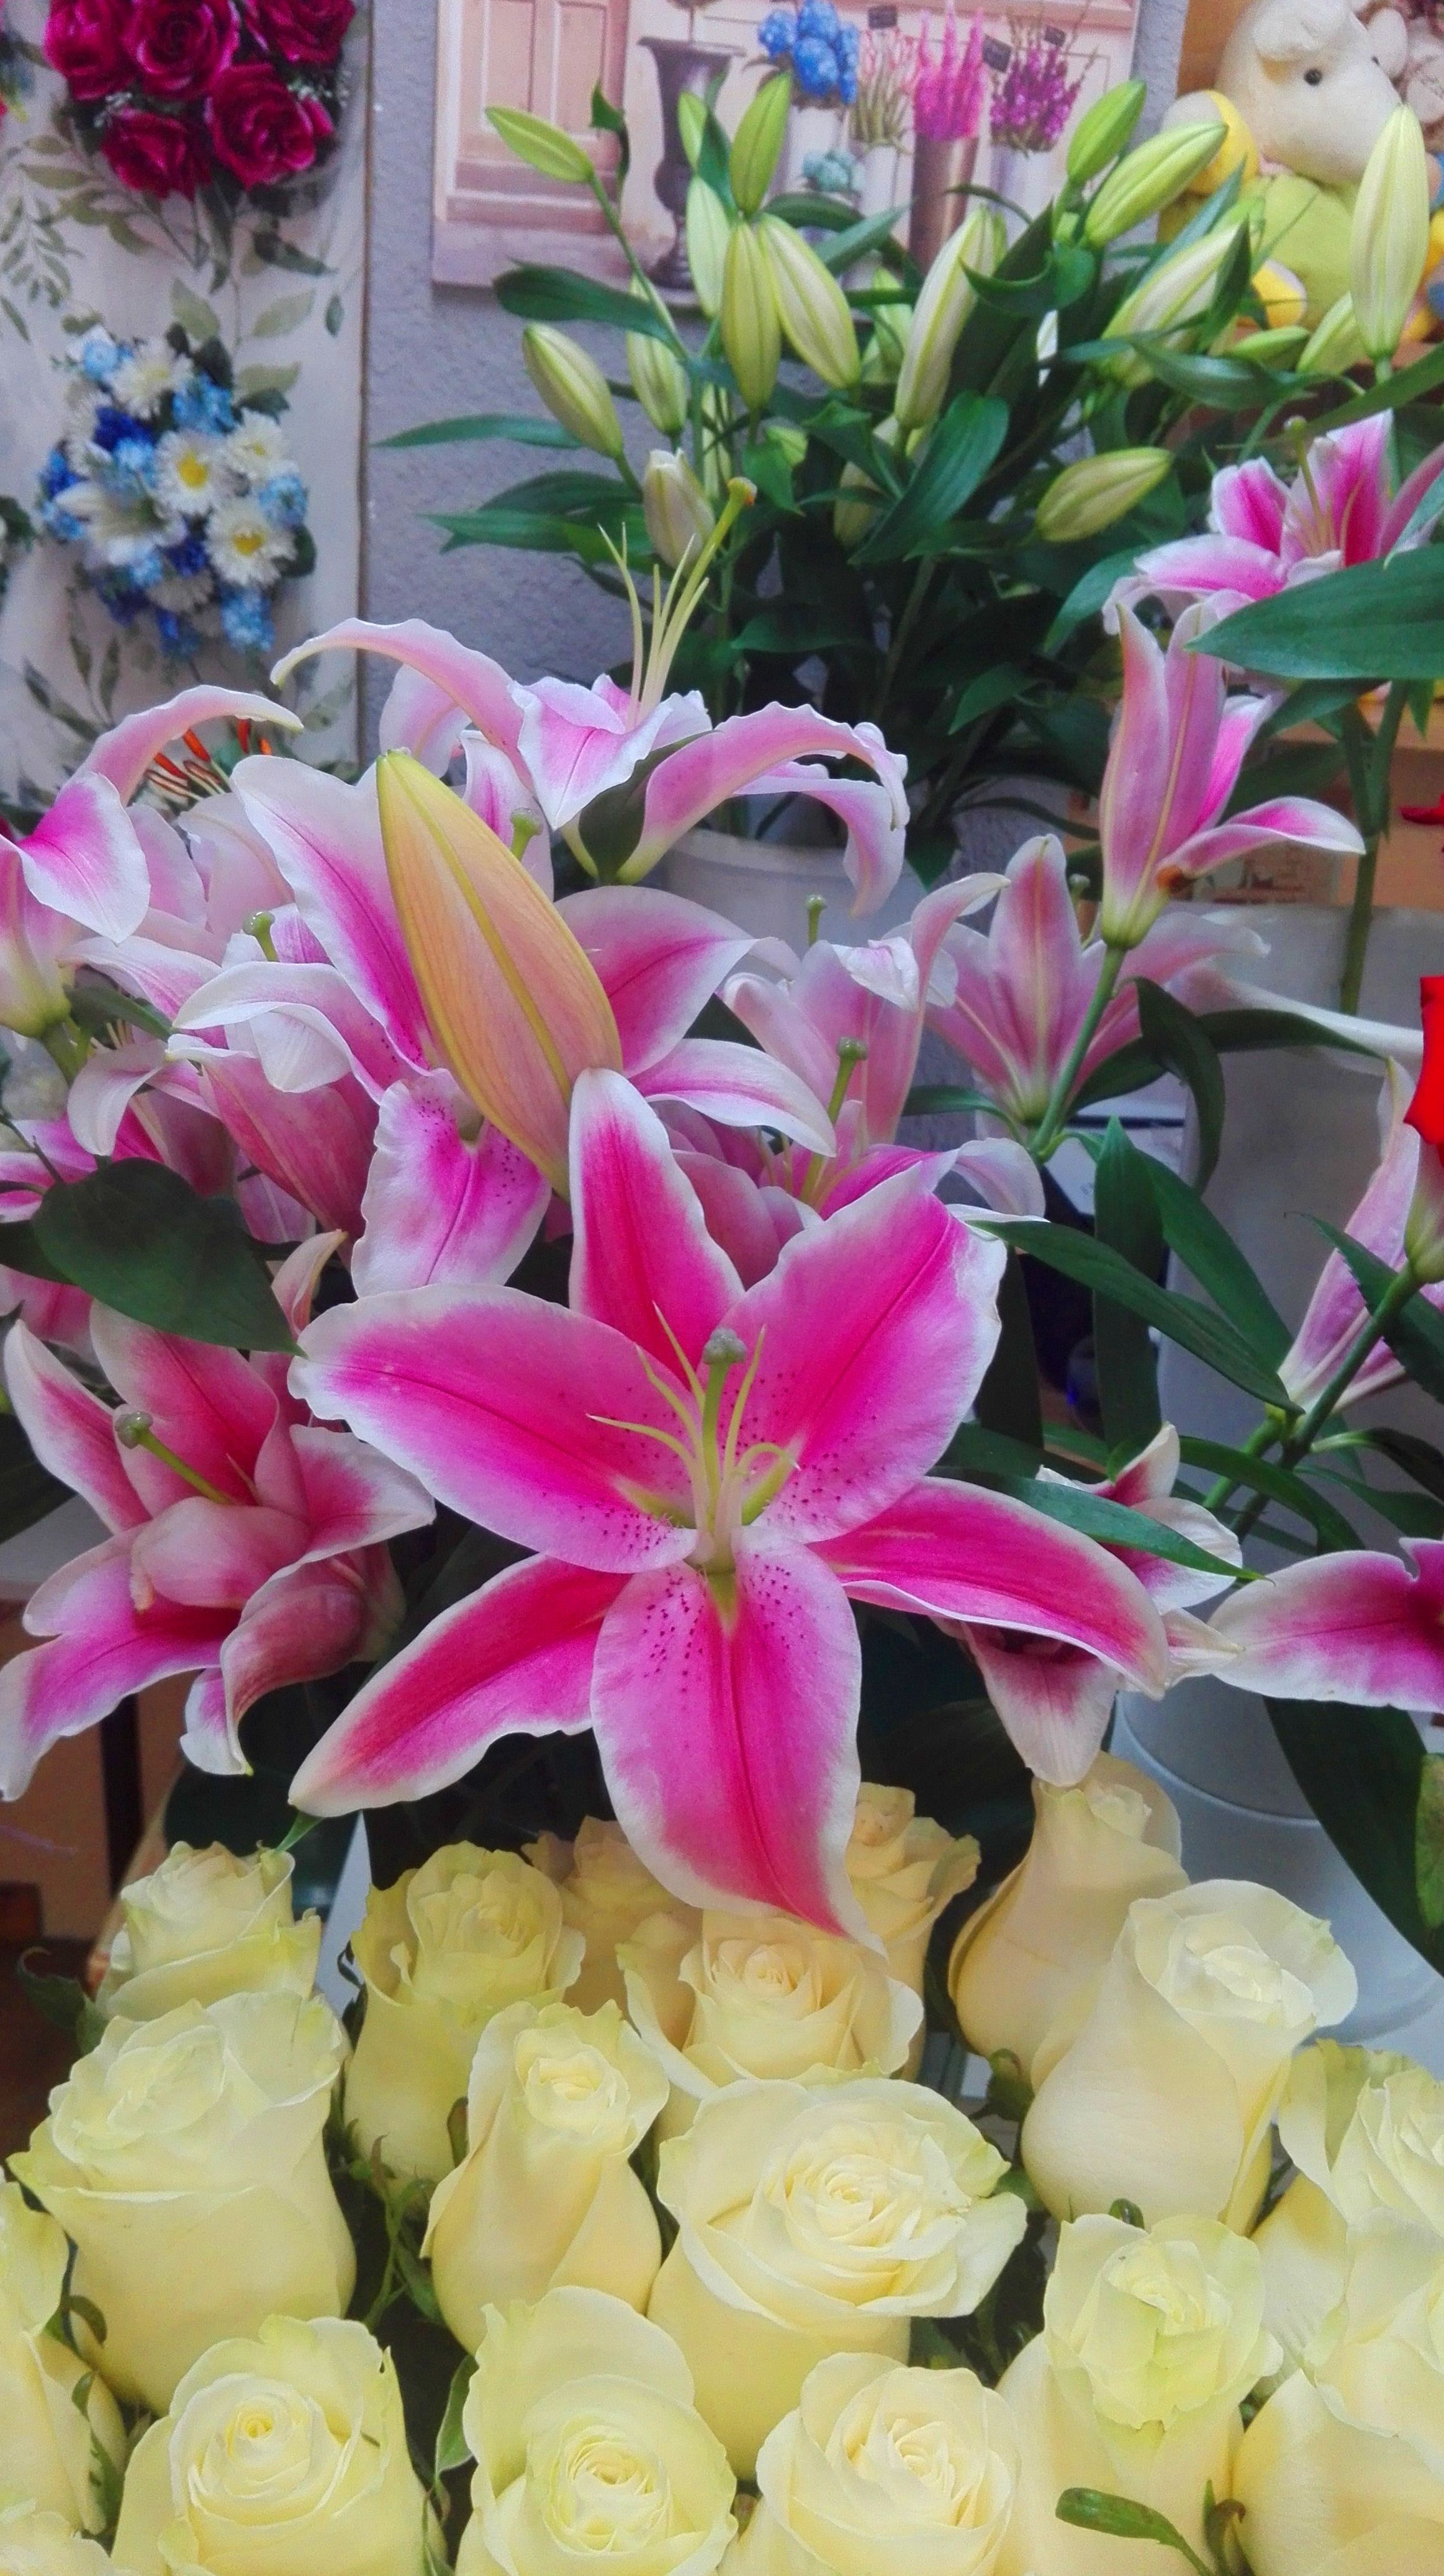 Flores frescas siempre